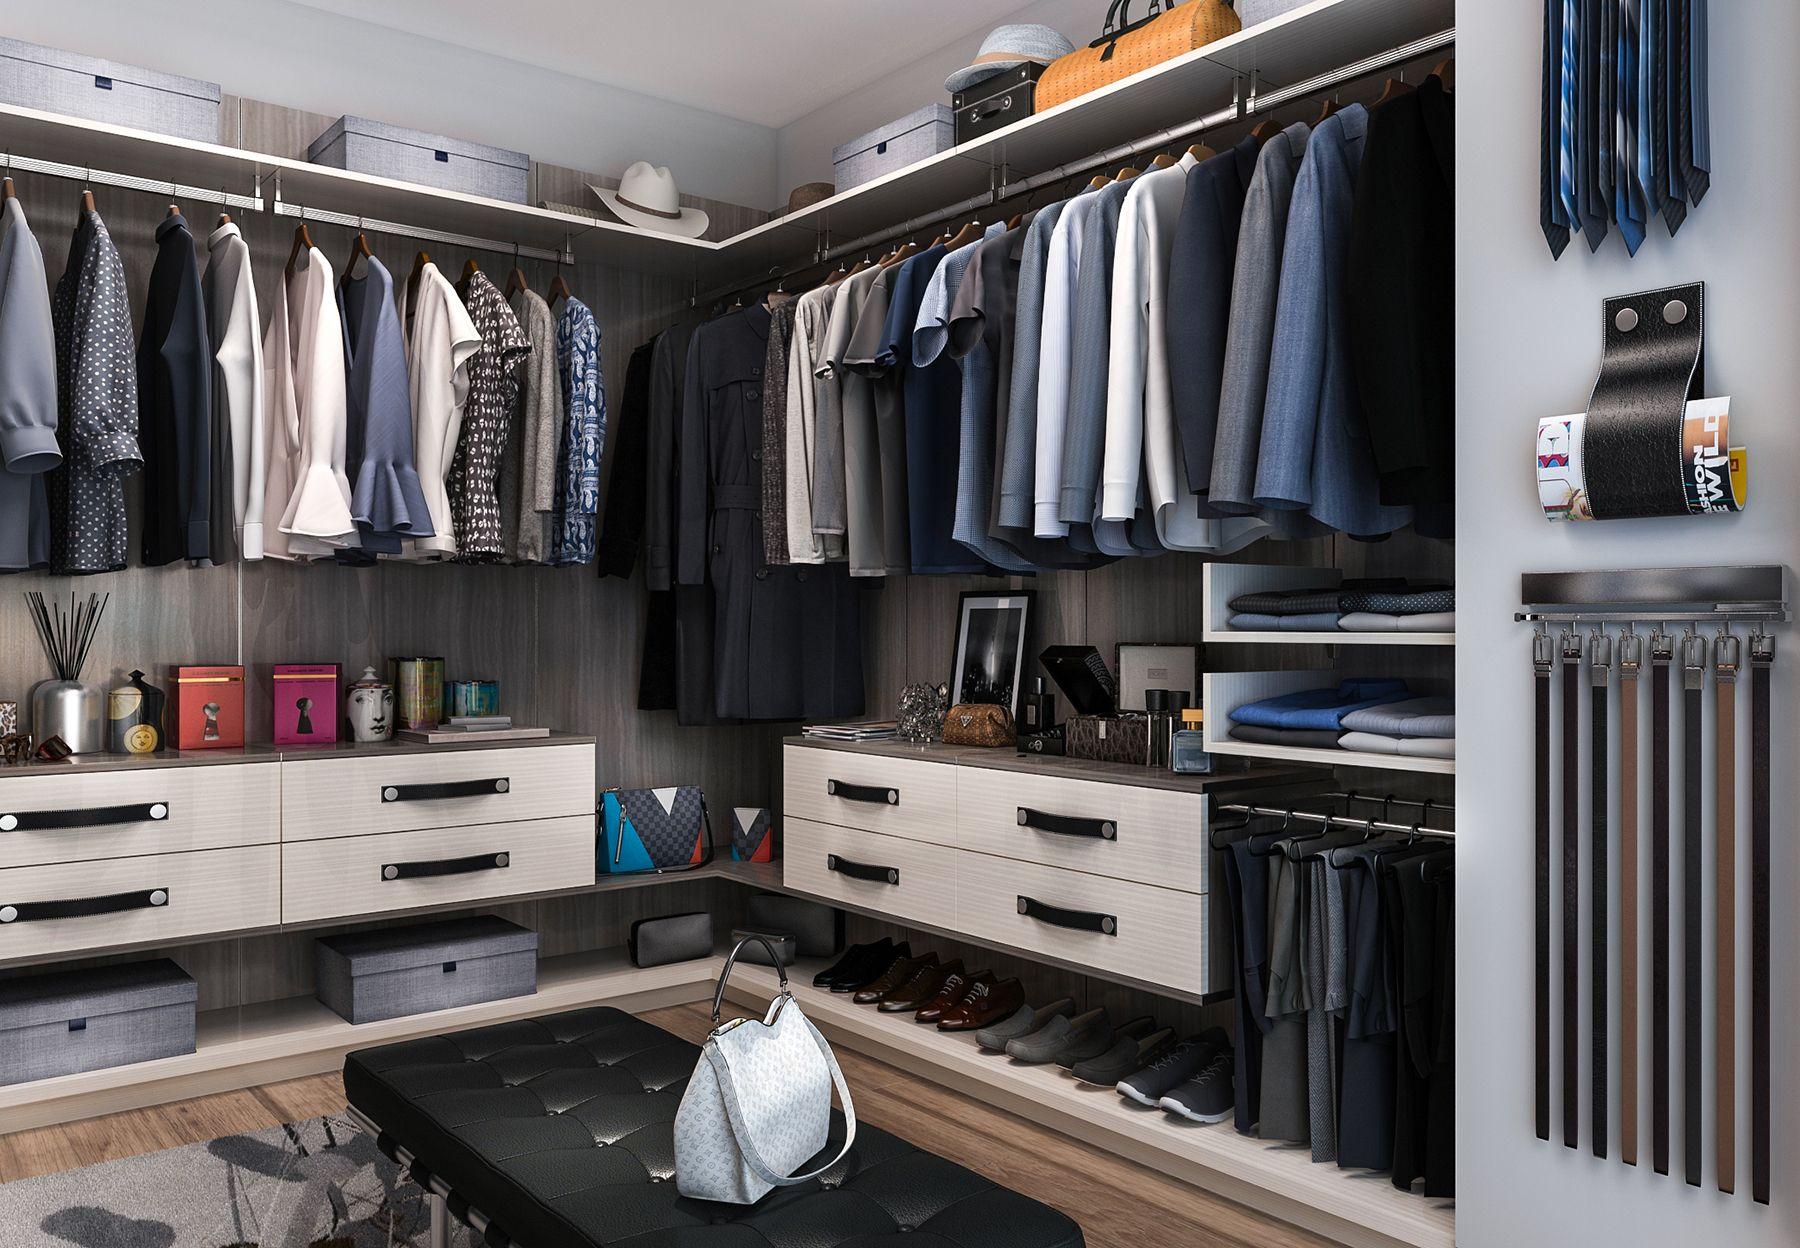 Custom Closets Designed To Make You Happy Closet Factory Closet Organization Designs Modern Closet Designs Custom Closet Design